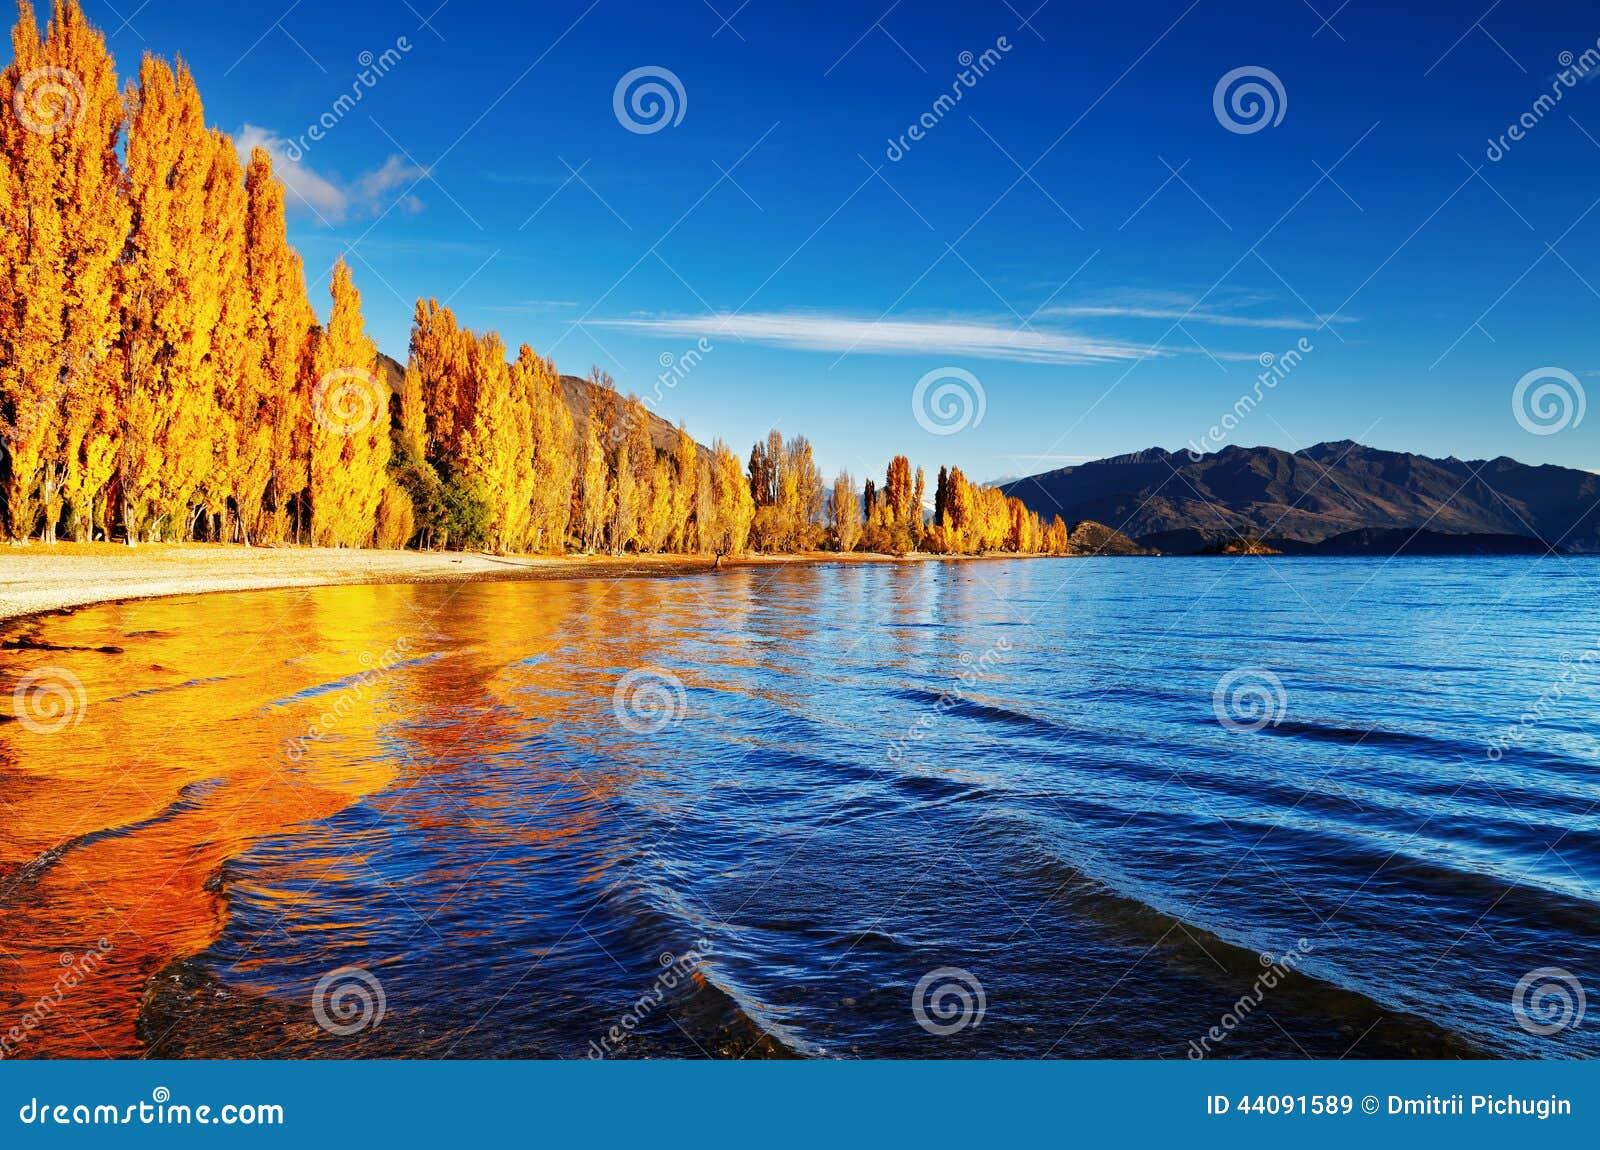 New Zealand Time Image: Lake Wanaka, New Zealand Stock Photo